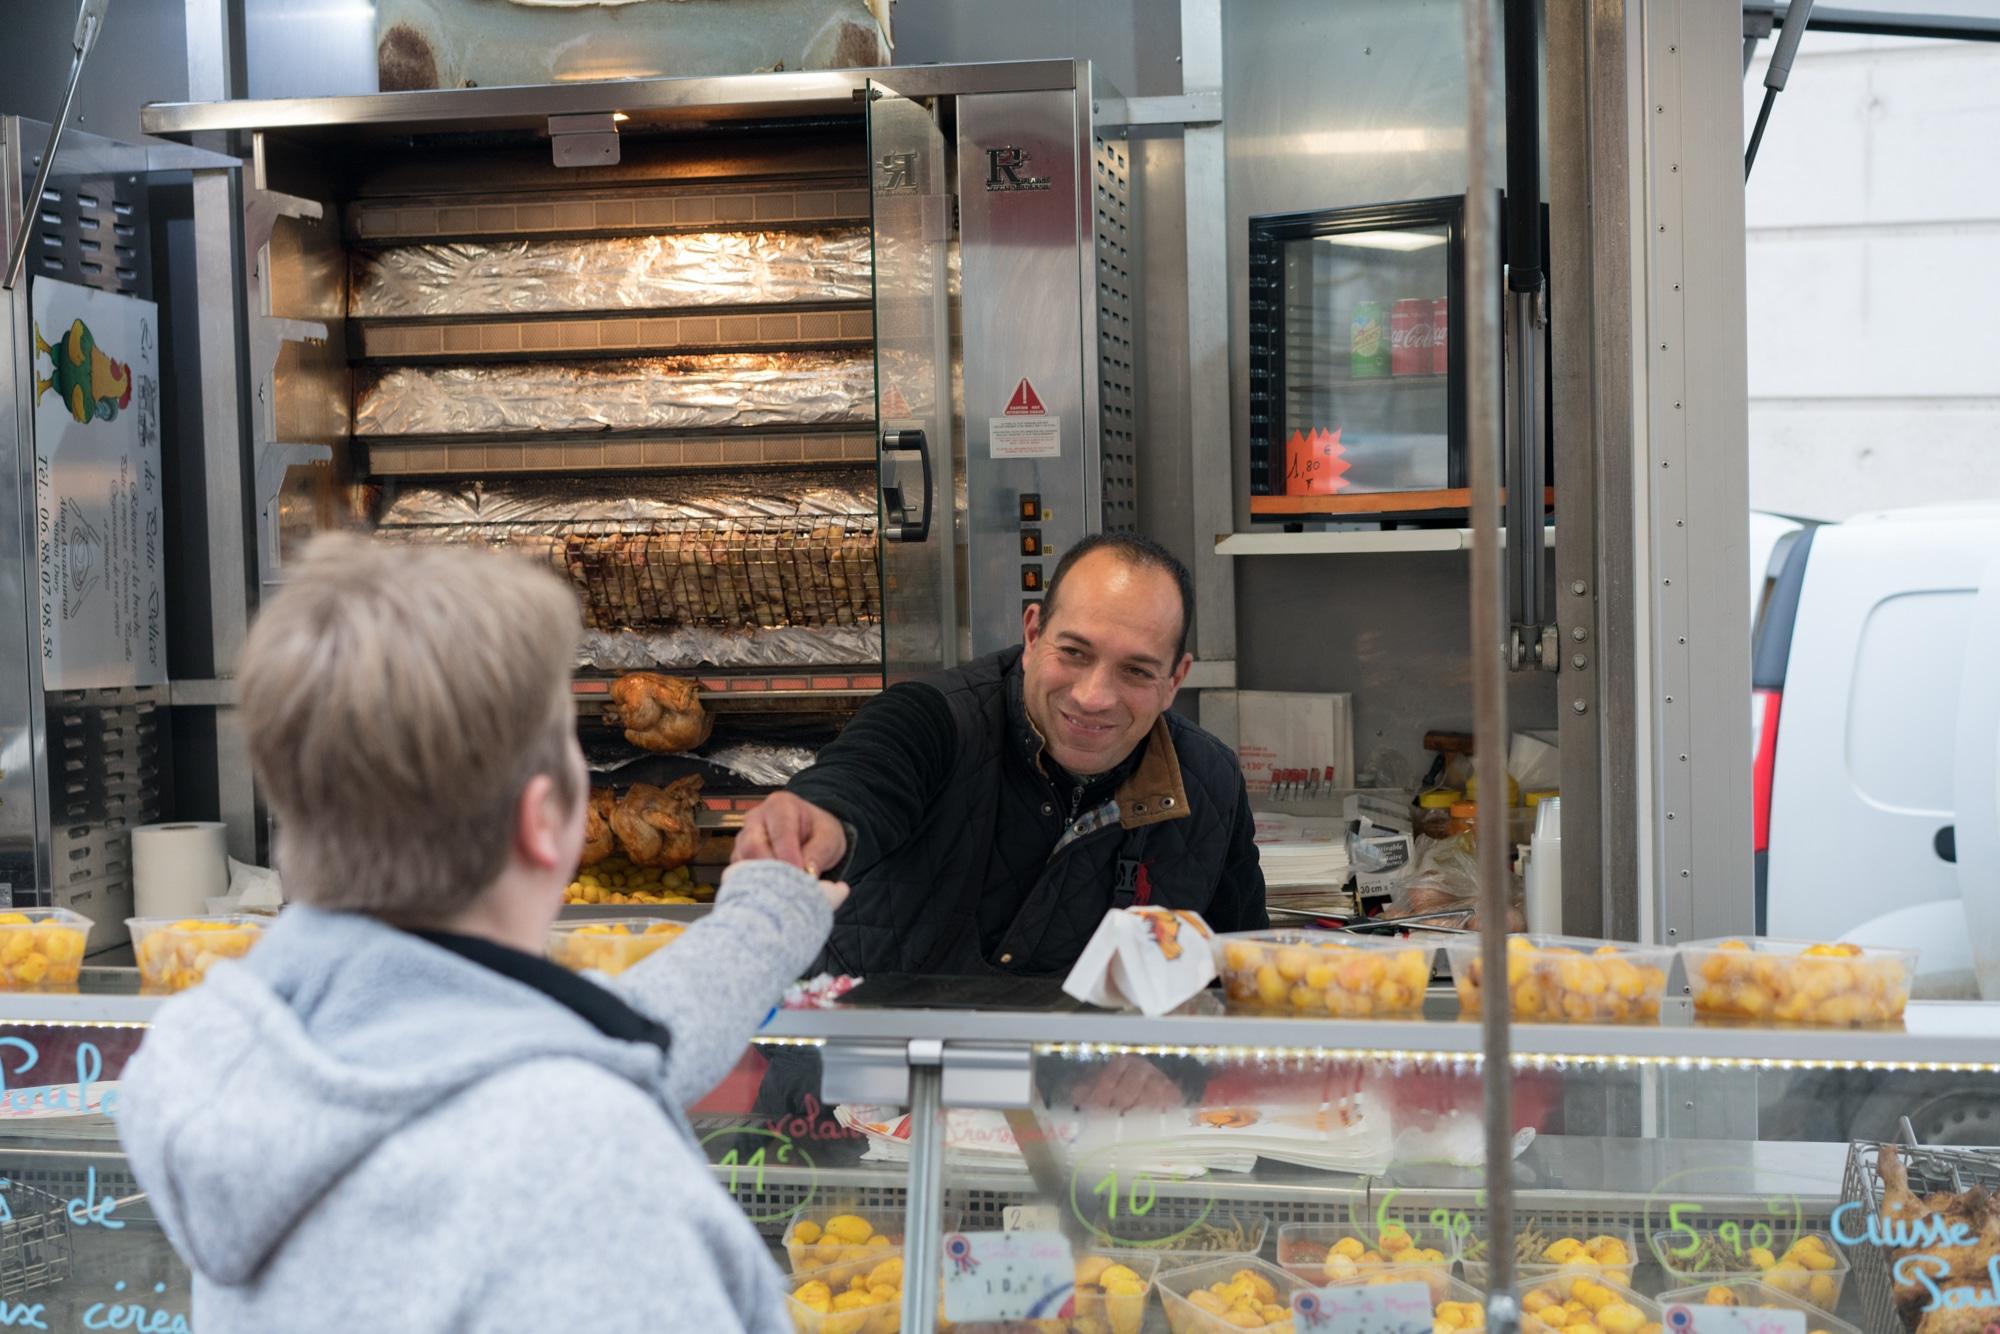 Alain, souriant, rend la monnaie à une cliente.